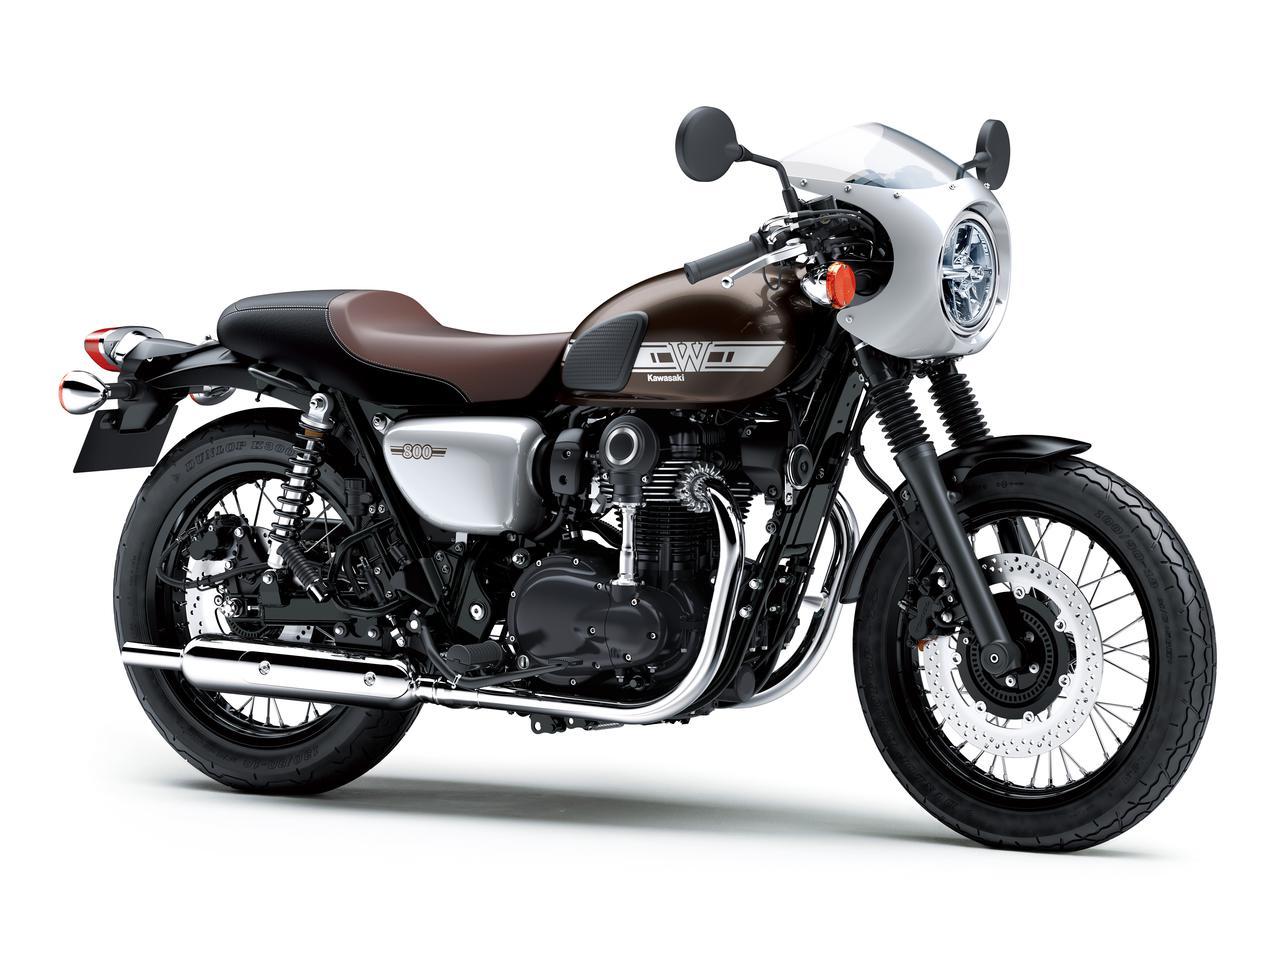 画像26: カワサキが「W800」シリーズの2021年モデルを発売! W800/W800ストリート/W800カフェの新色をチェック!